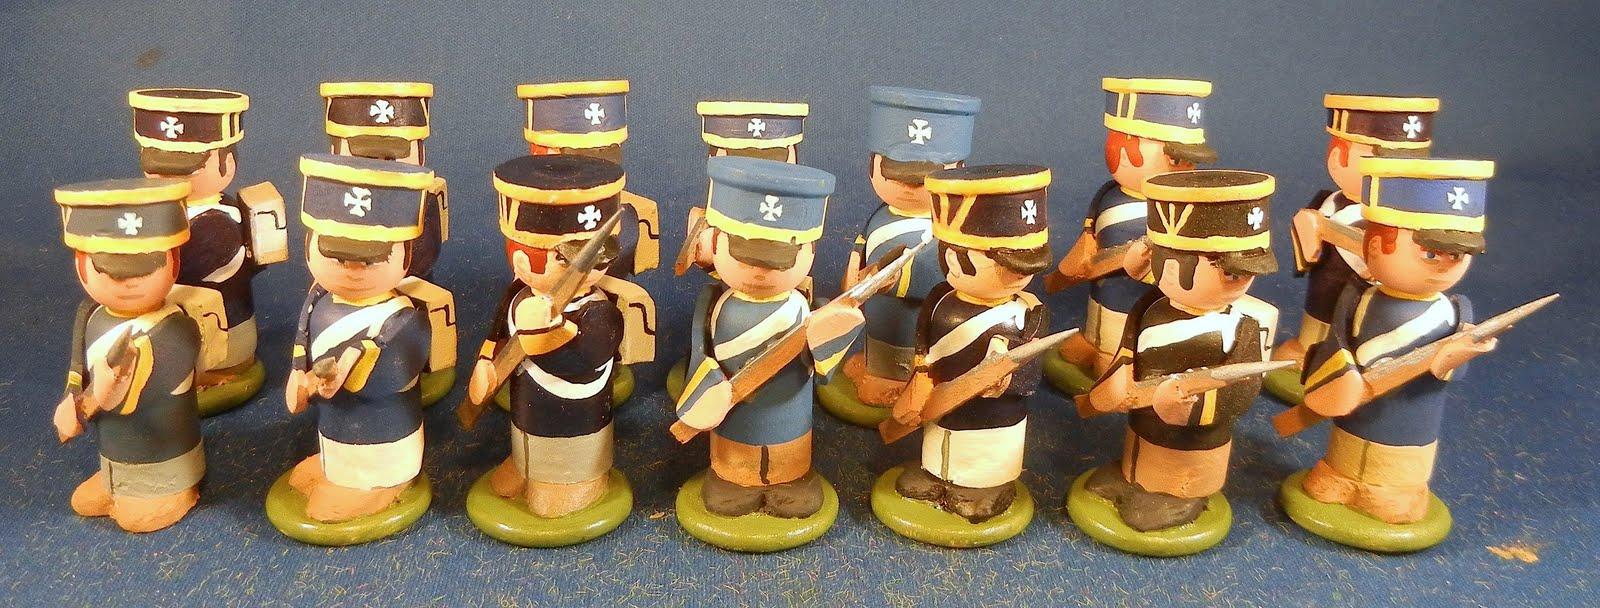 Деревянные солдаты своими руками 29